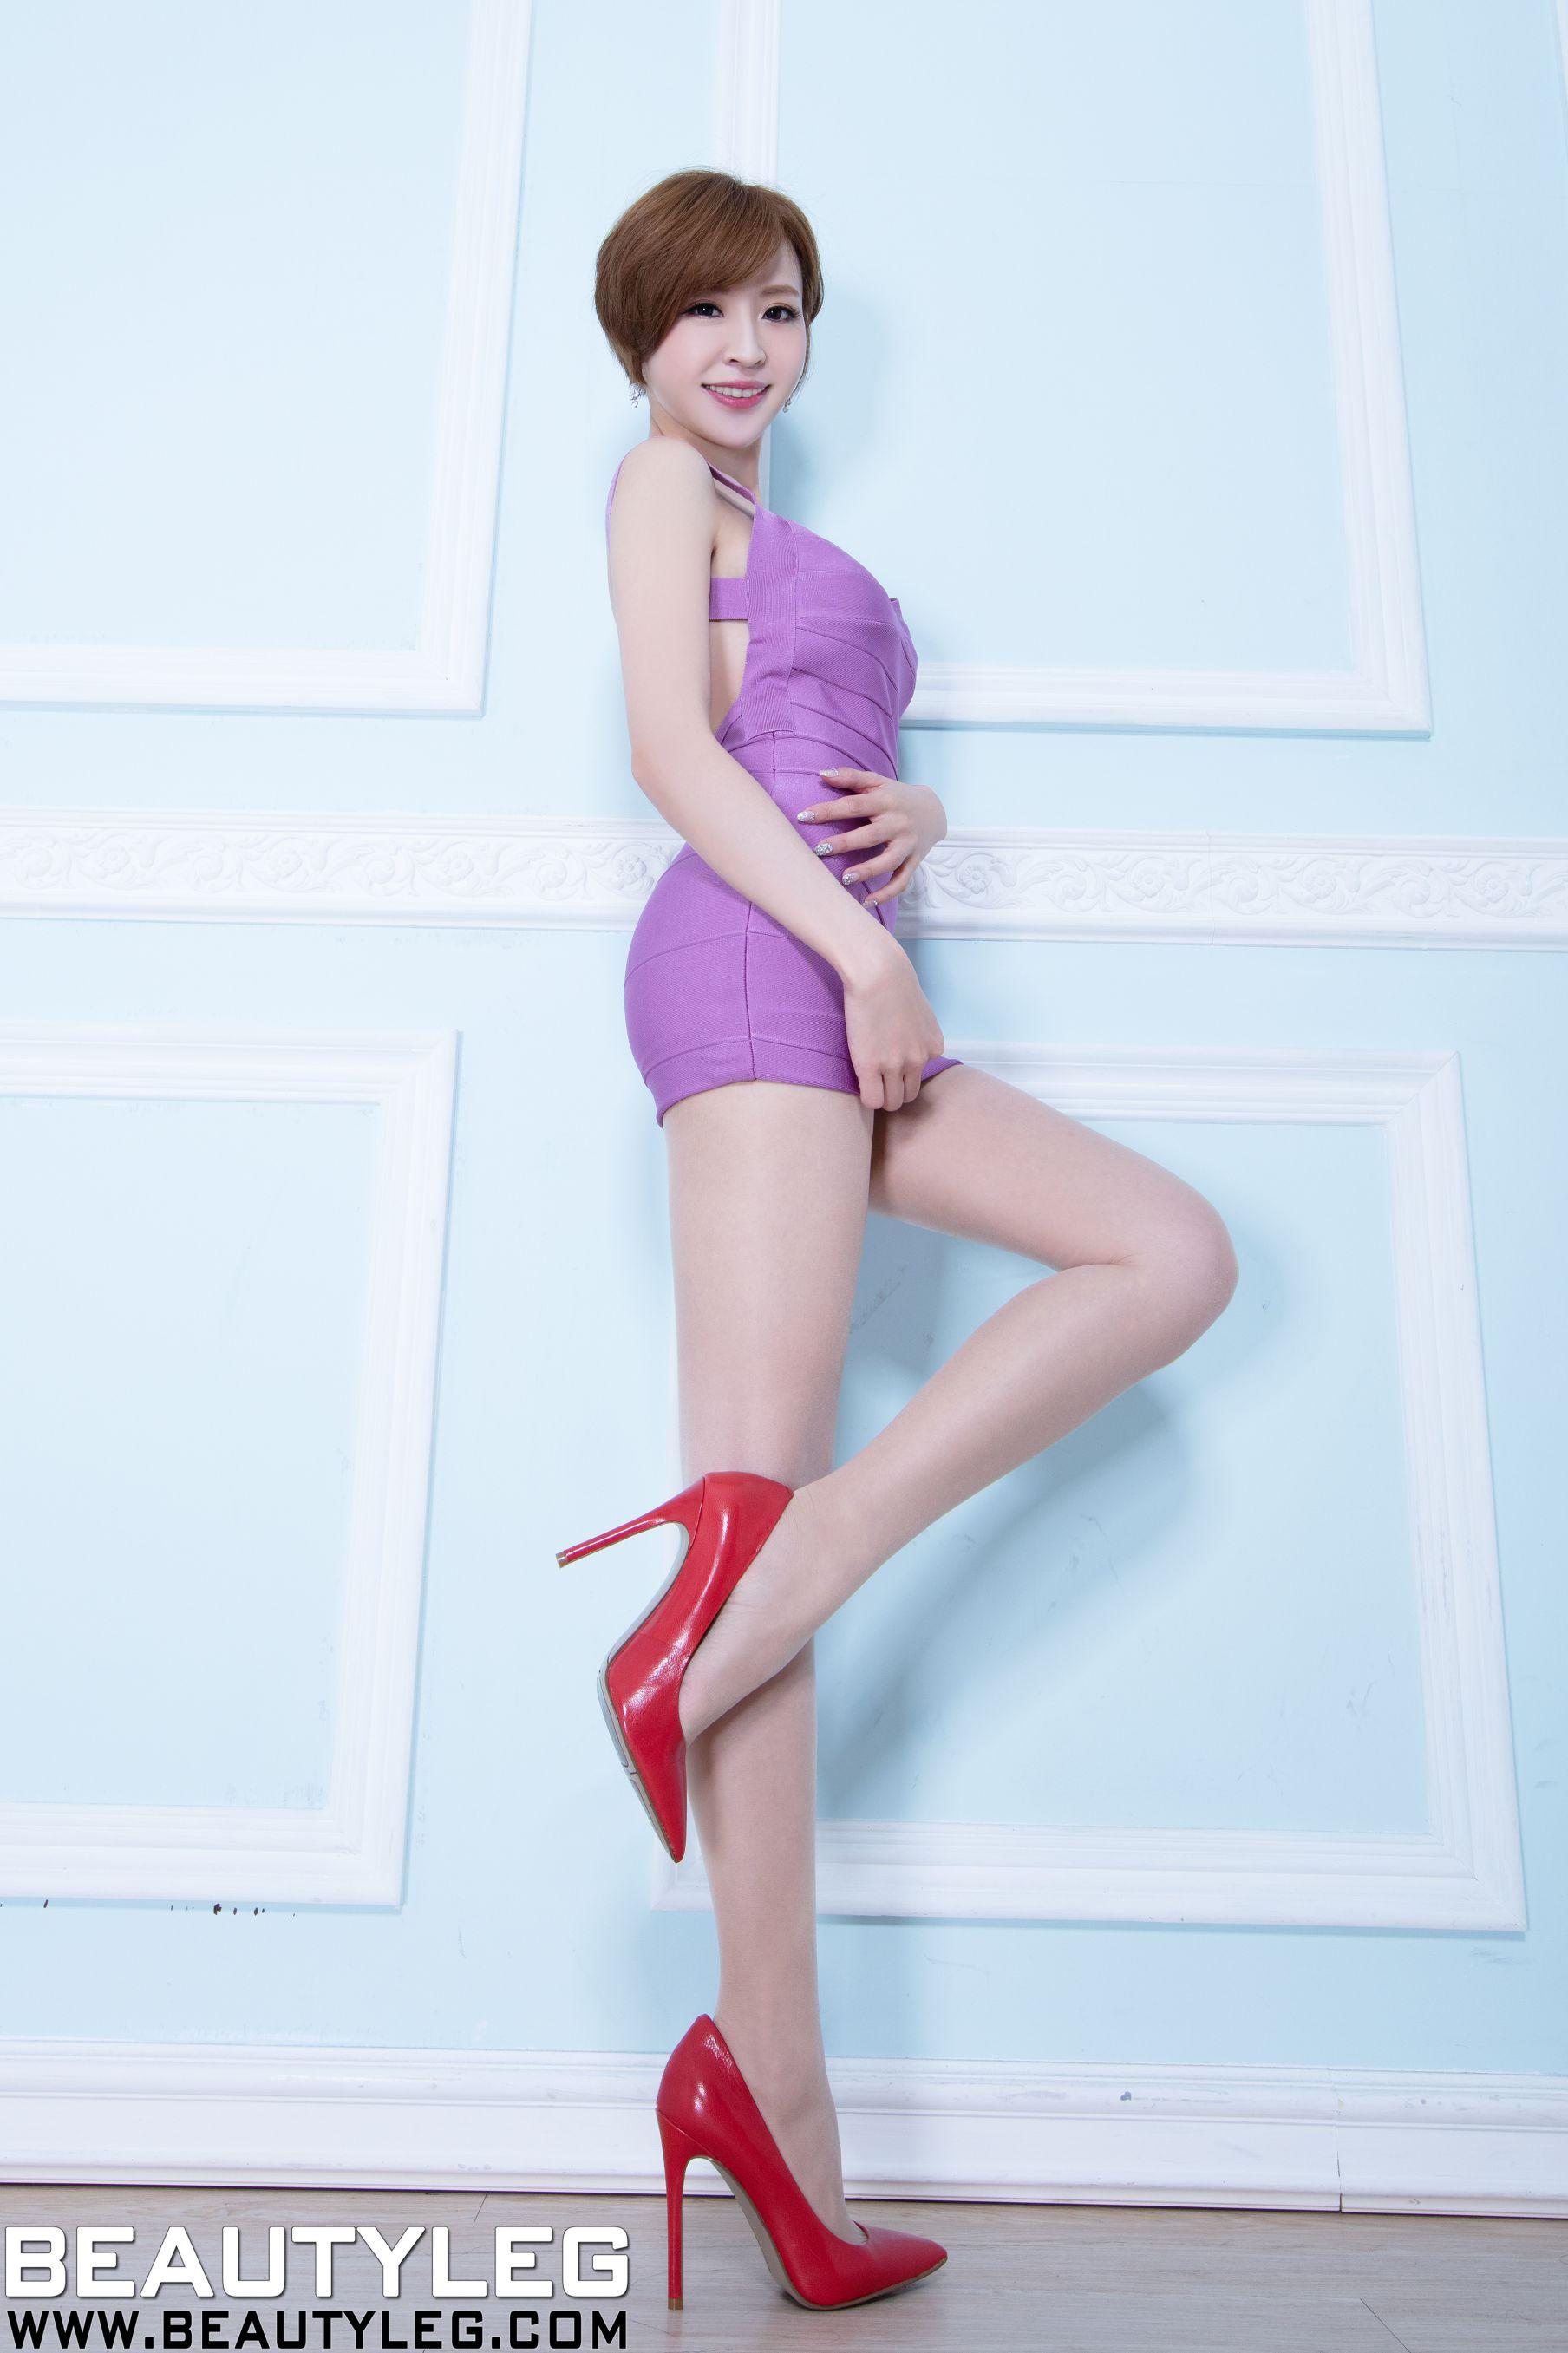 VOL.937 [Beautyleg]短发美腿:倪千凌(腿模Lucy,陈佳筠)高品质写真套图(50P)